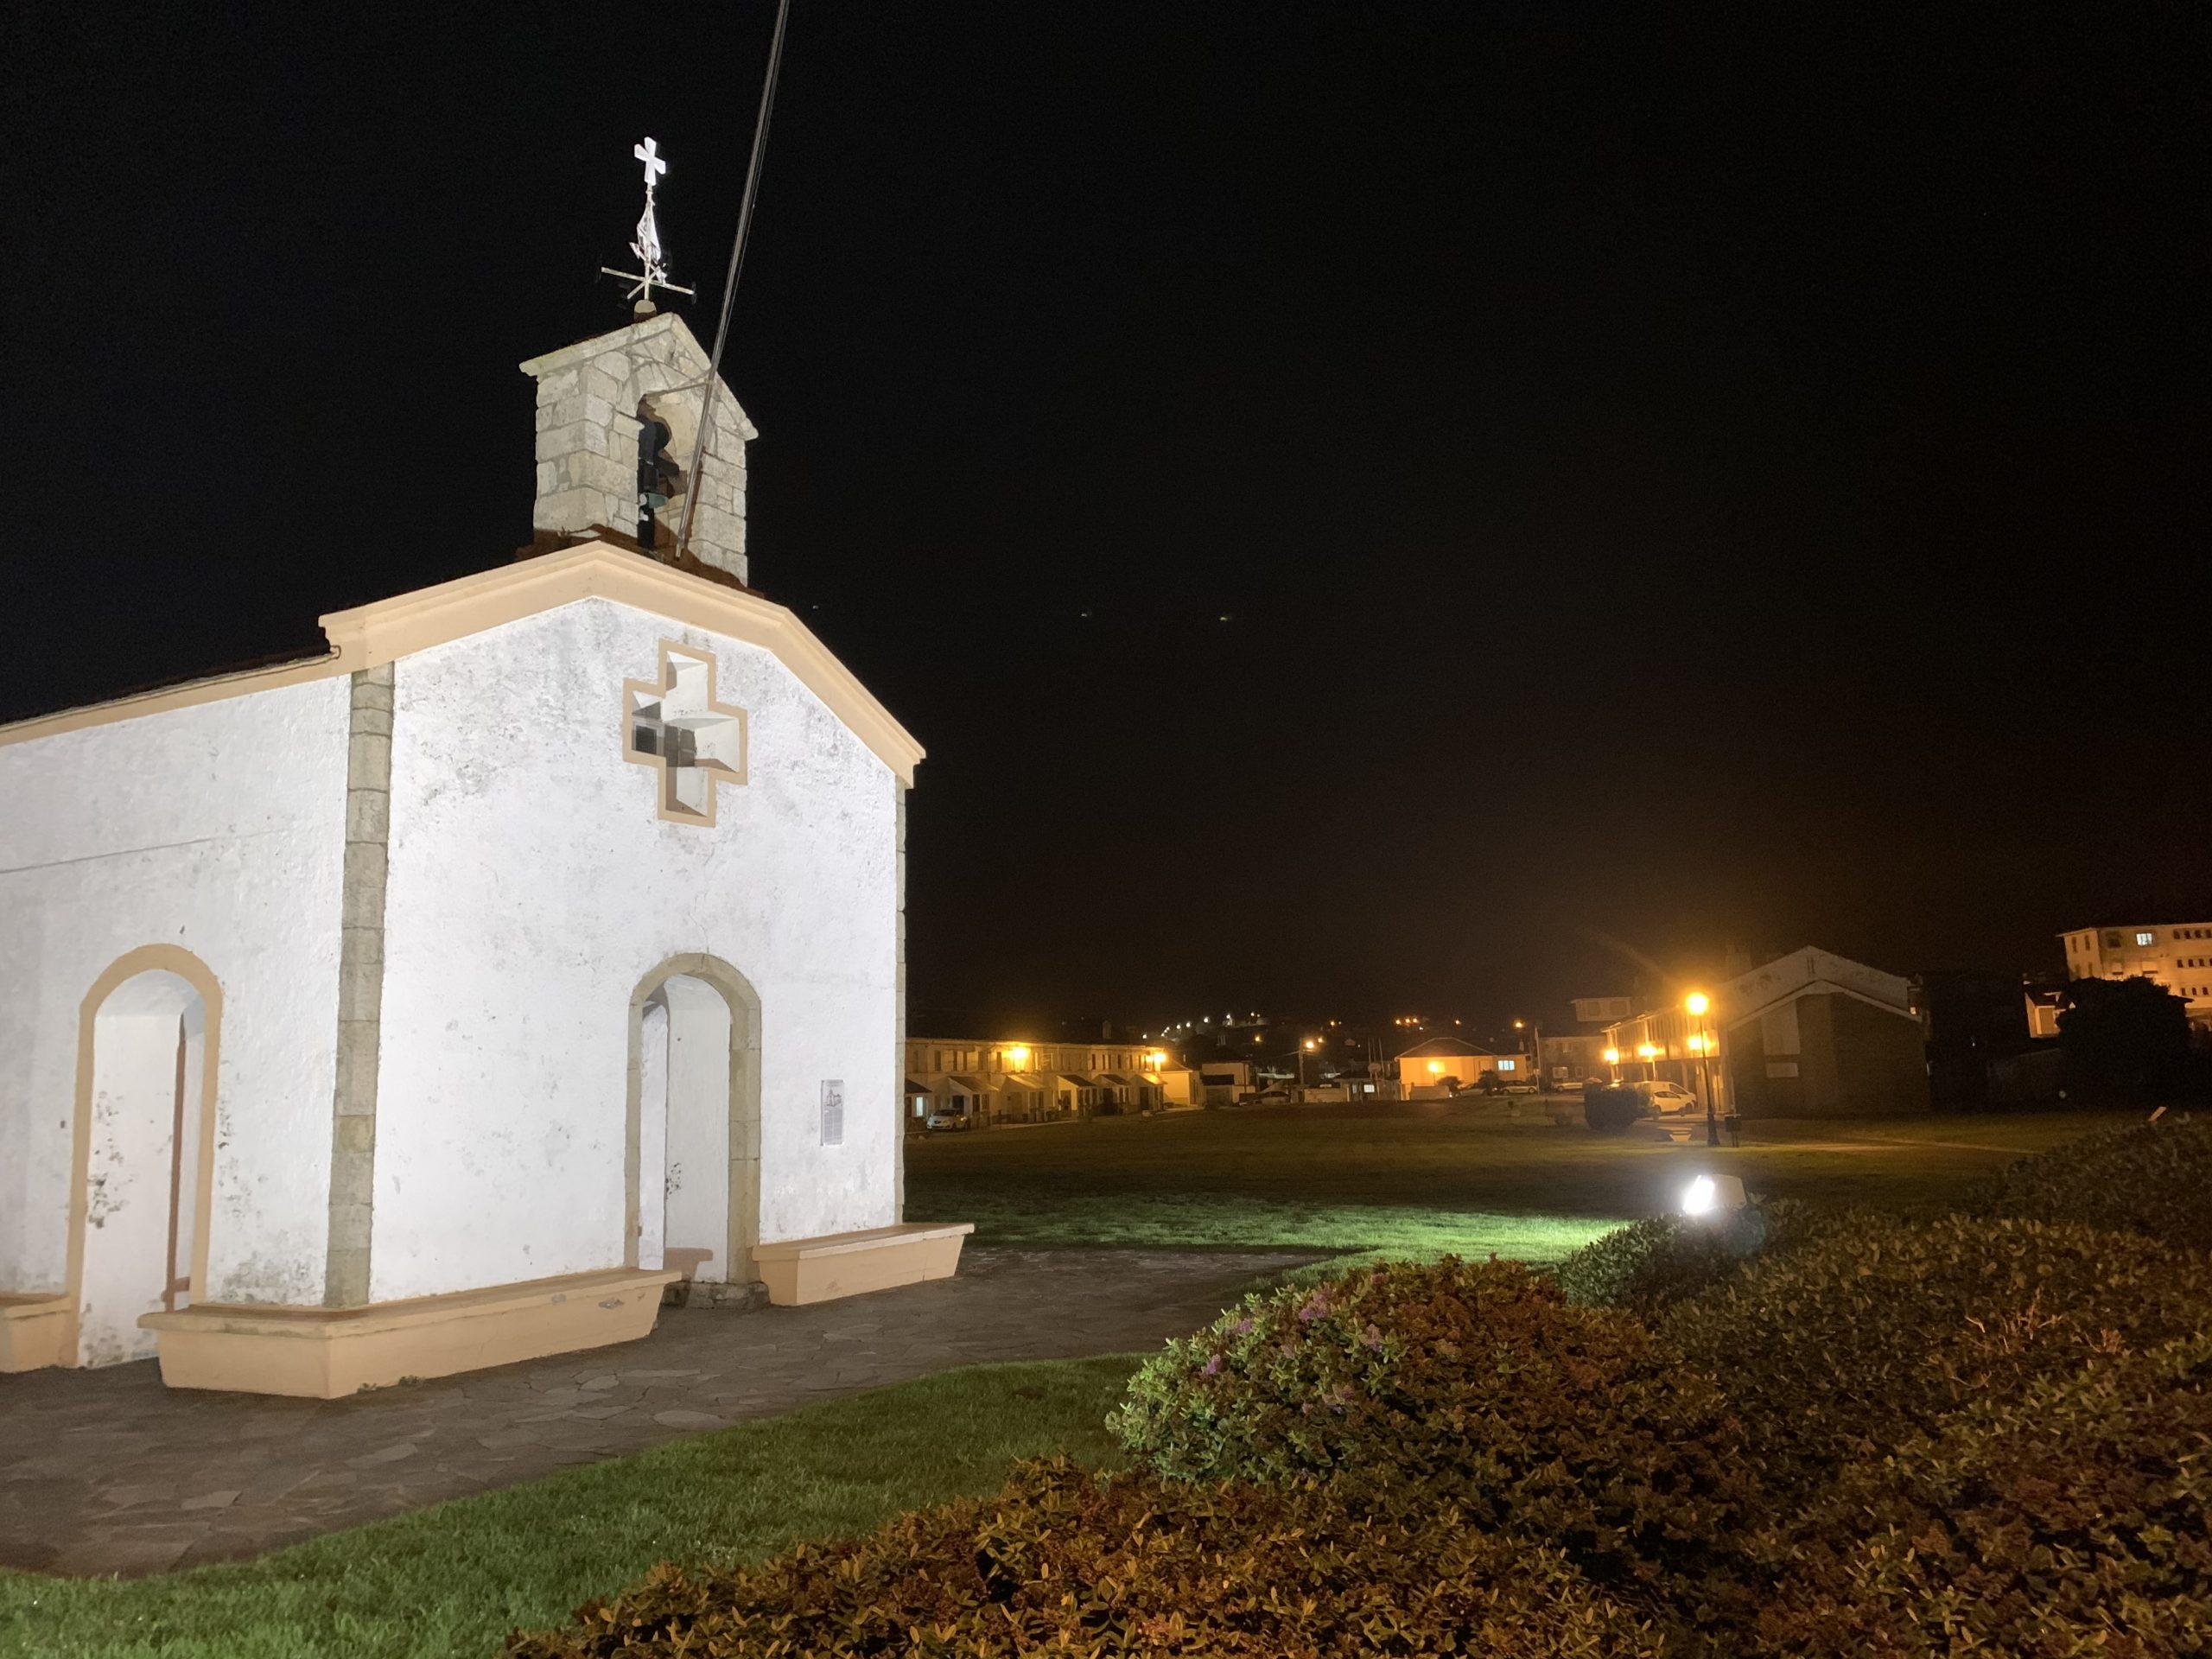 El ayuntamiento de Navia apuesta por construir una senda peatonal en el Campo de la Atalaya (Puerto de Vega)